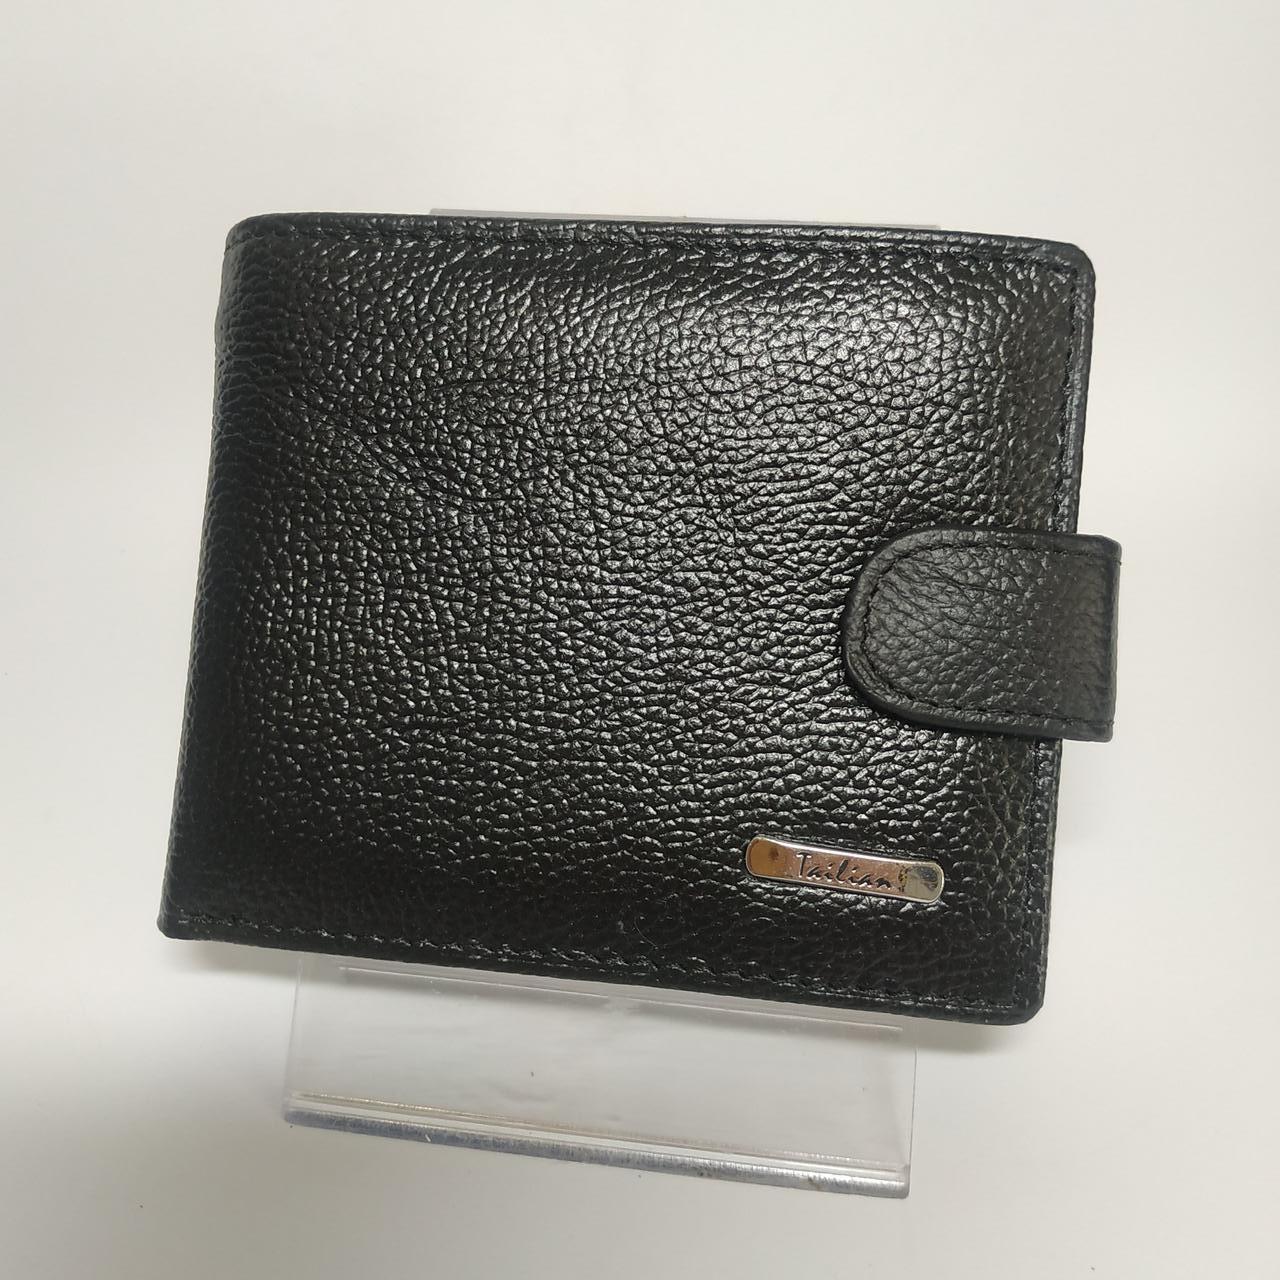 Шкіряний чоловічий гаманець / Кожаный мужской кошелек Tailian